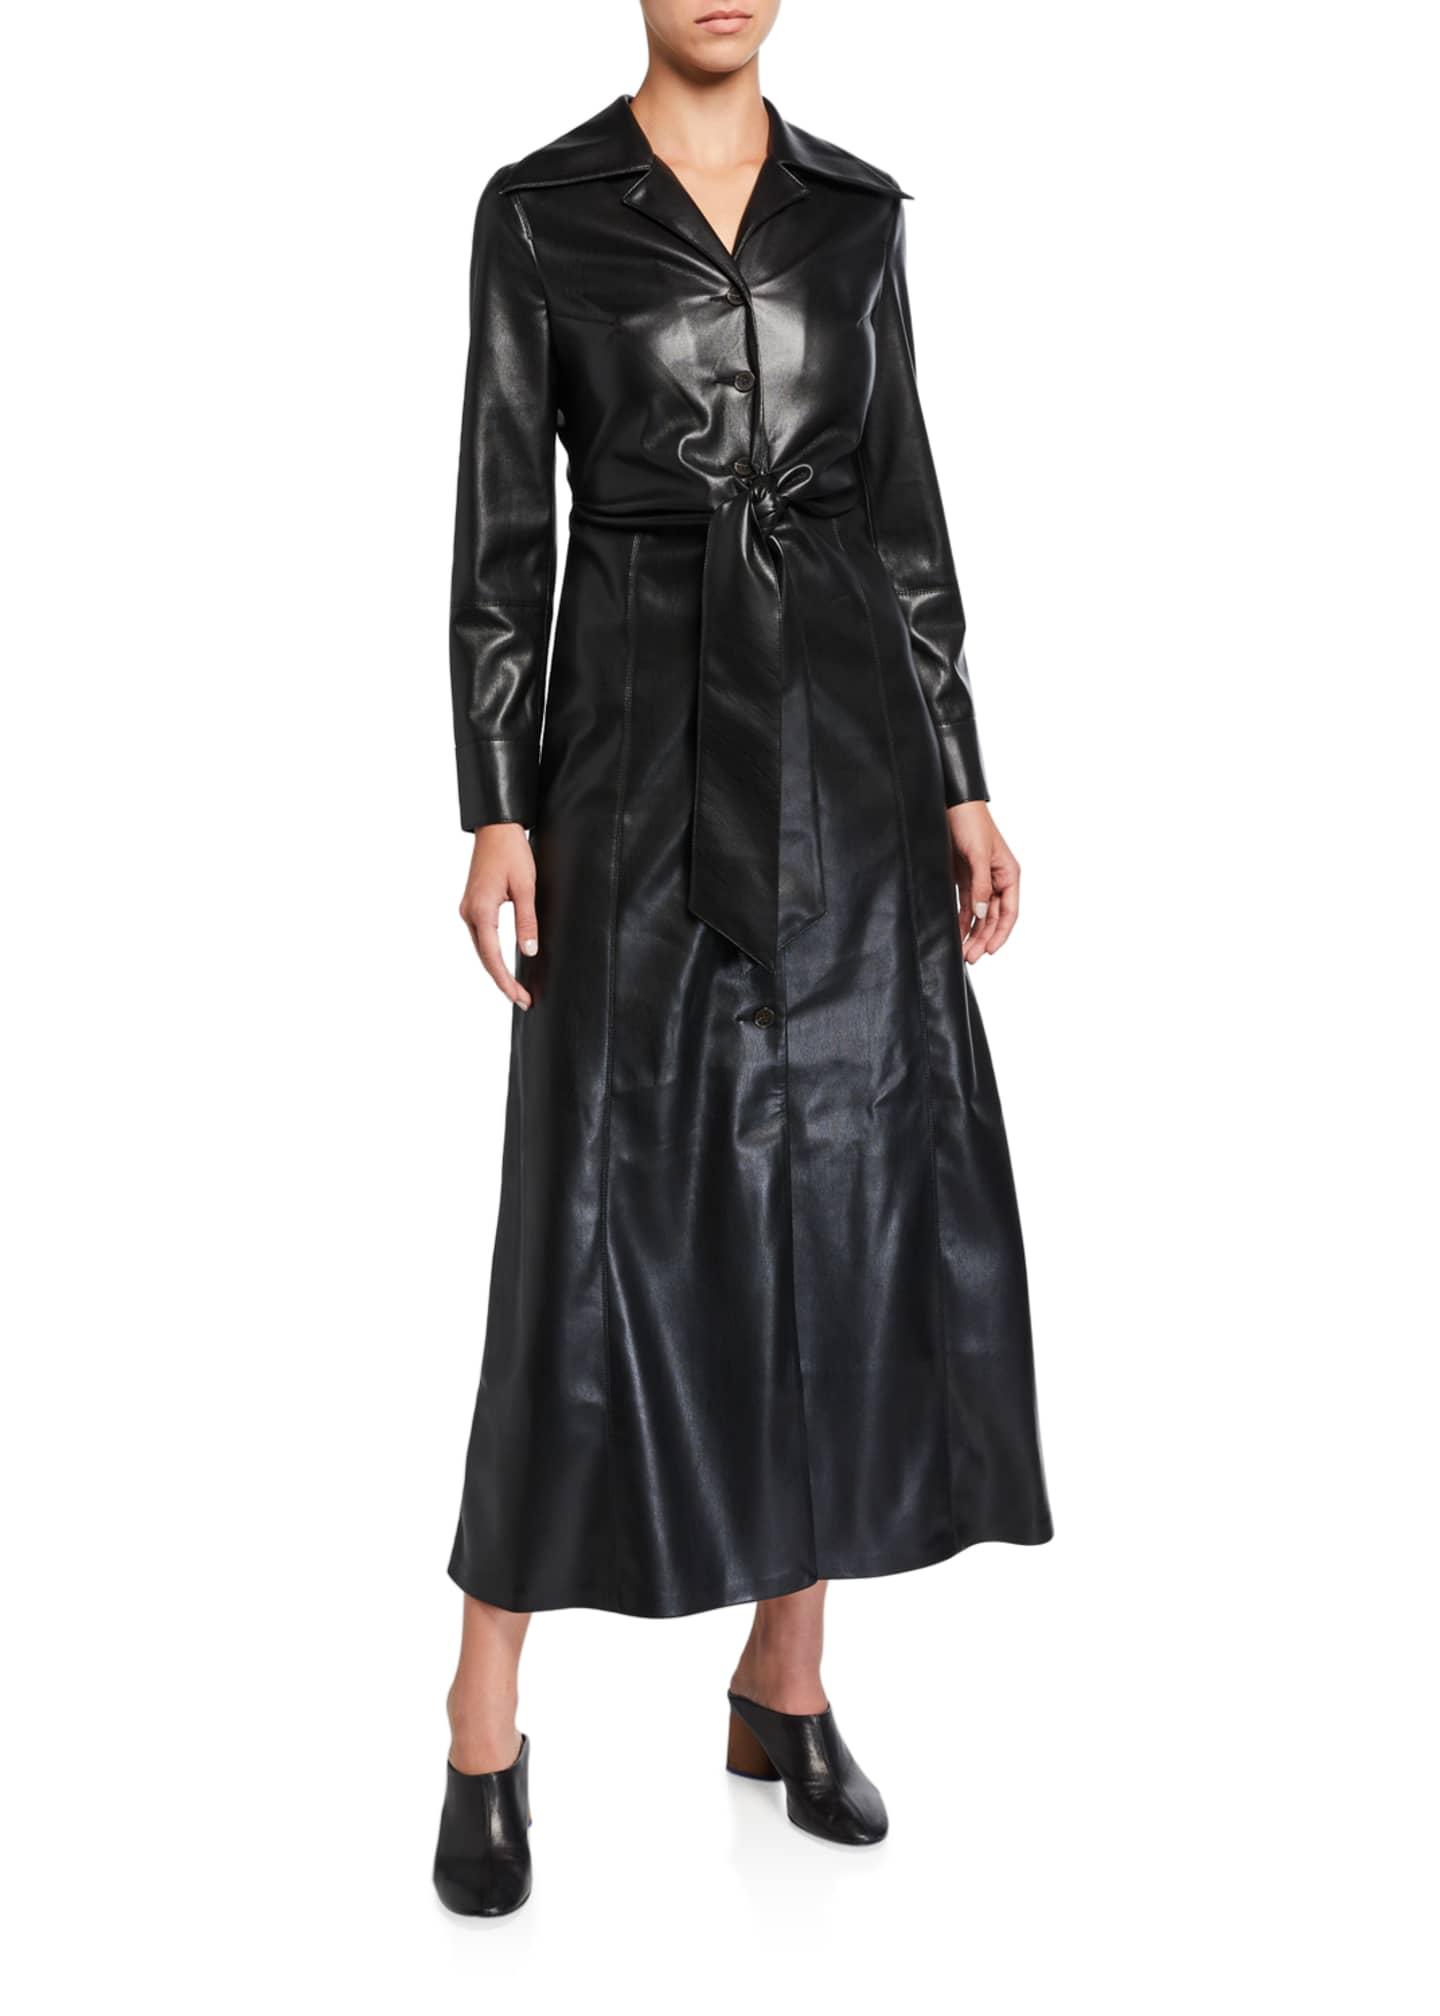 Nanushka Tarot Vegan Leather Tie-Waist Dress